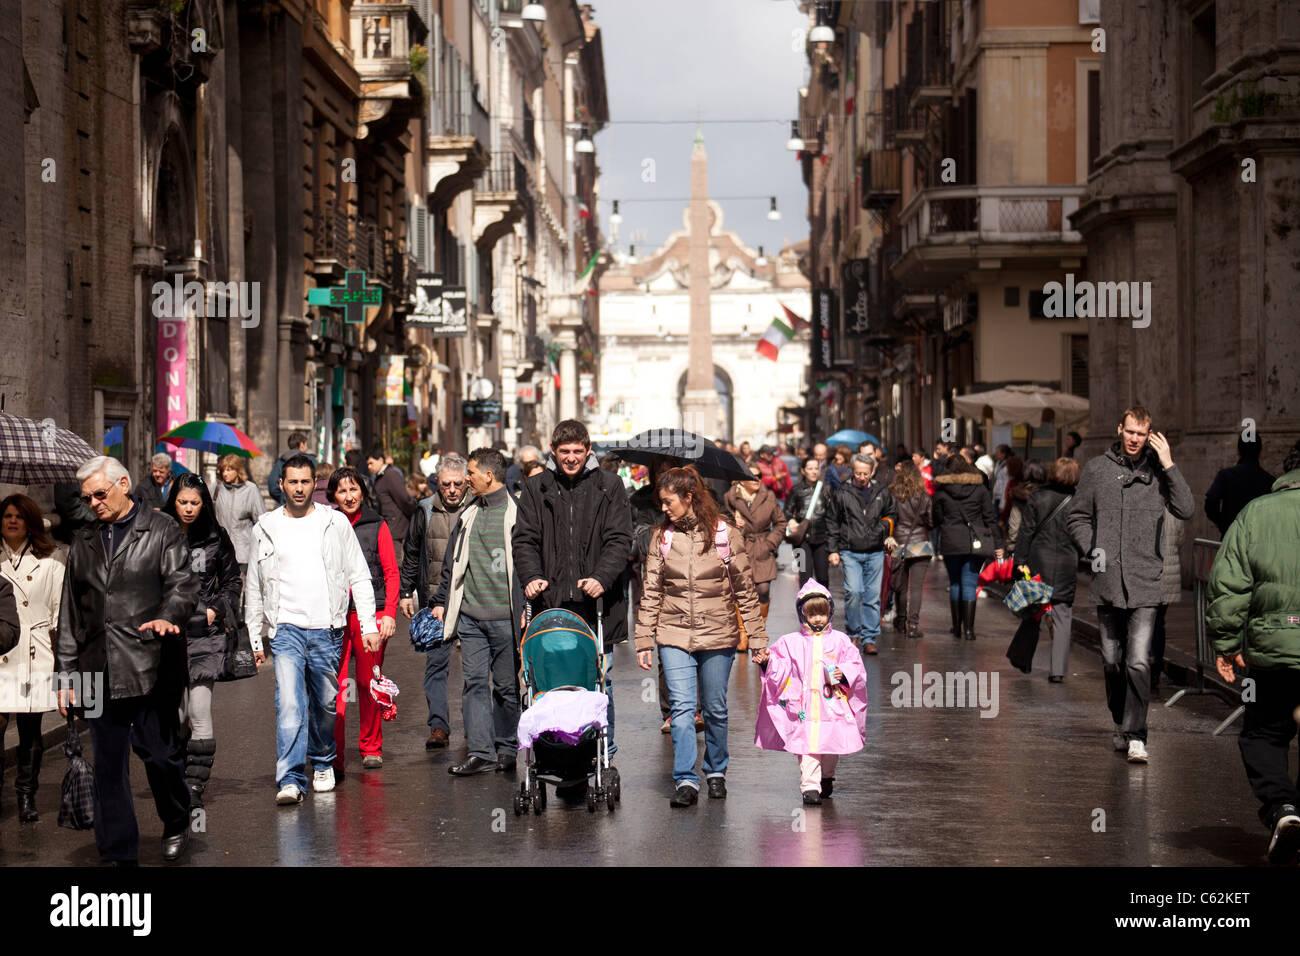 pedestrian area Via del Corso in Rome, Italy - Stock Image